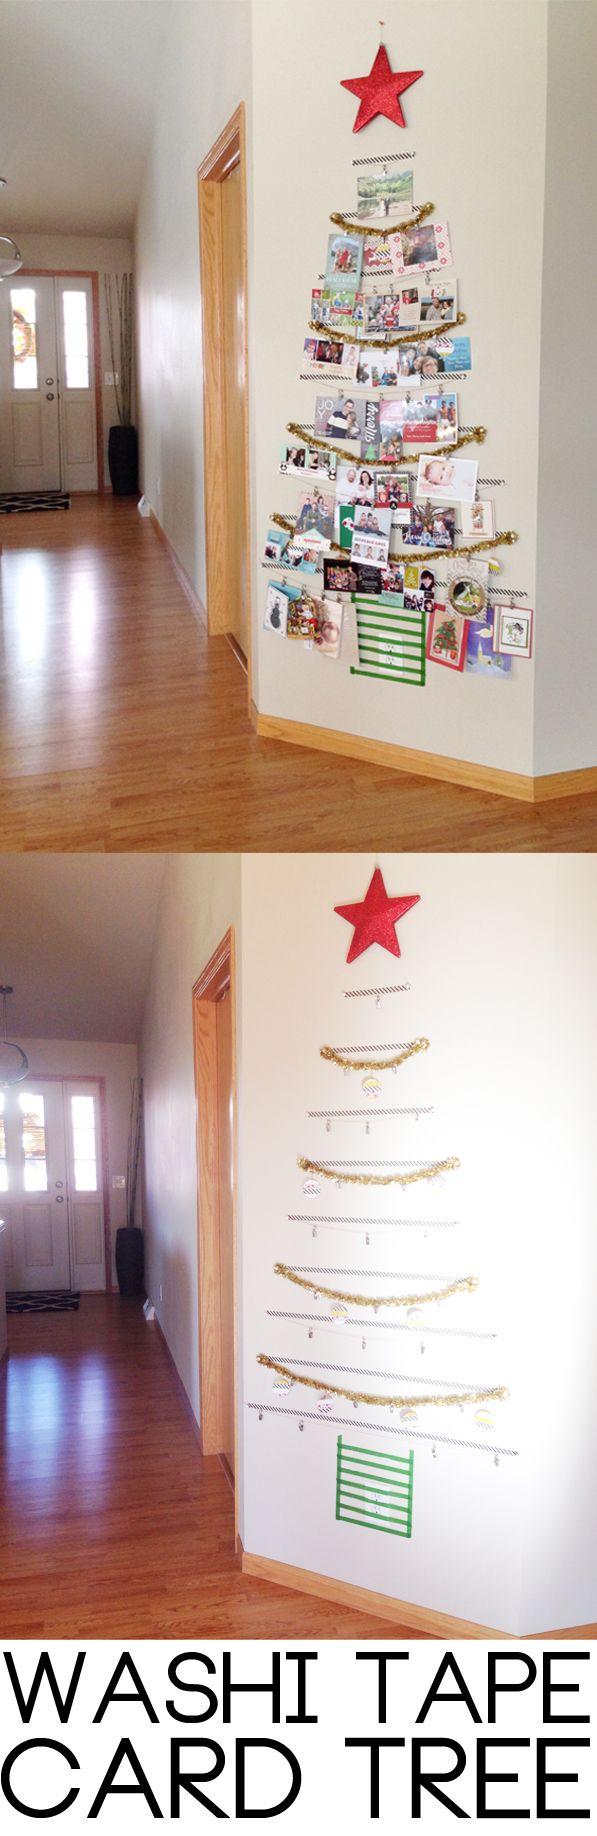 ハロウィンが終わり、次に楽しめる大きなイベントといったらクリスマス!そんなクリスマスを今年は、手作りのもので楽しんみませんか?今回は簡単にできる「クリスマスオーナメント」の作り方やアイディアをご紹介します。